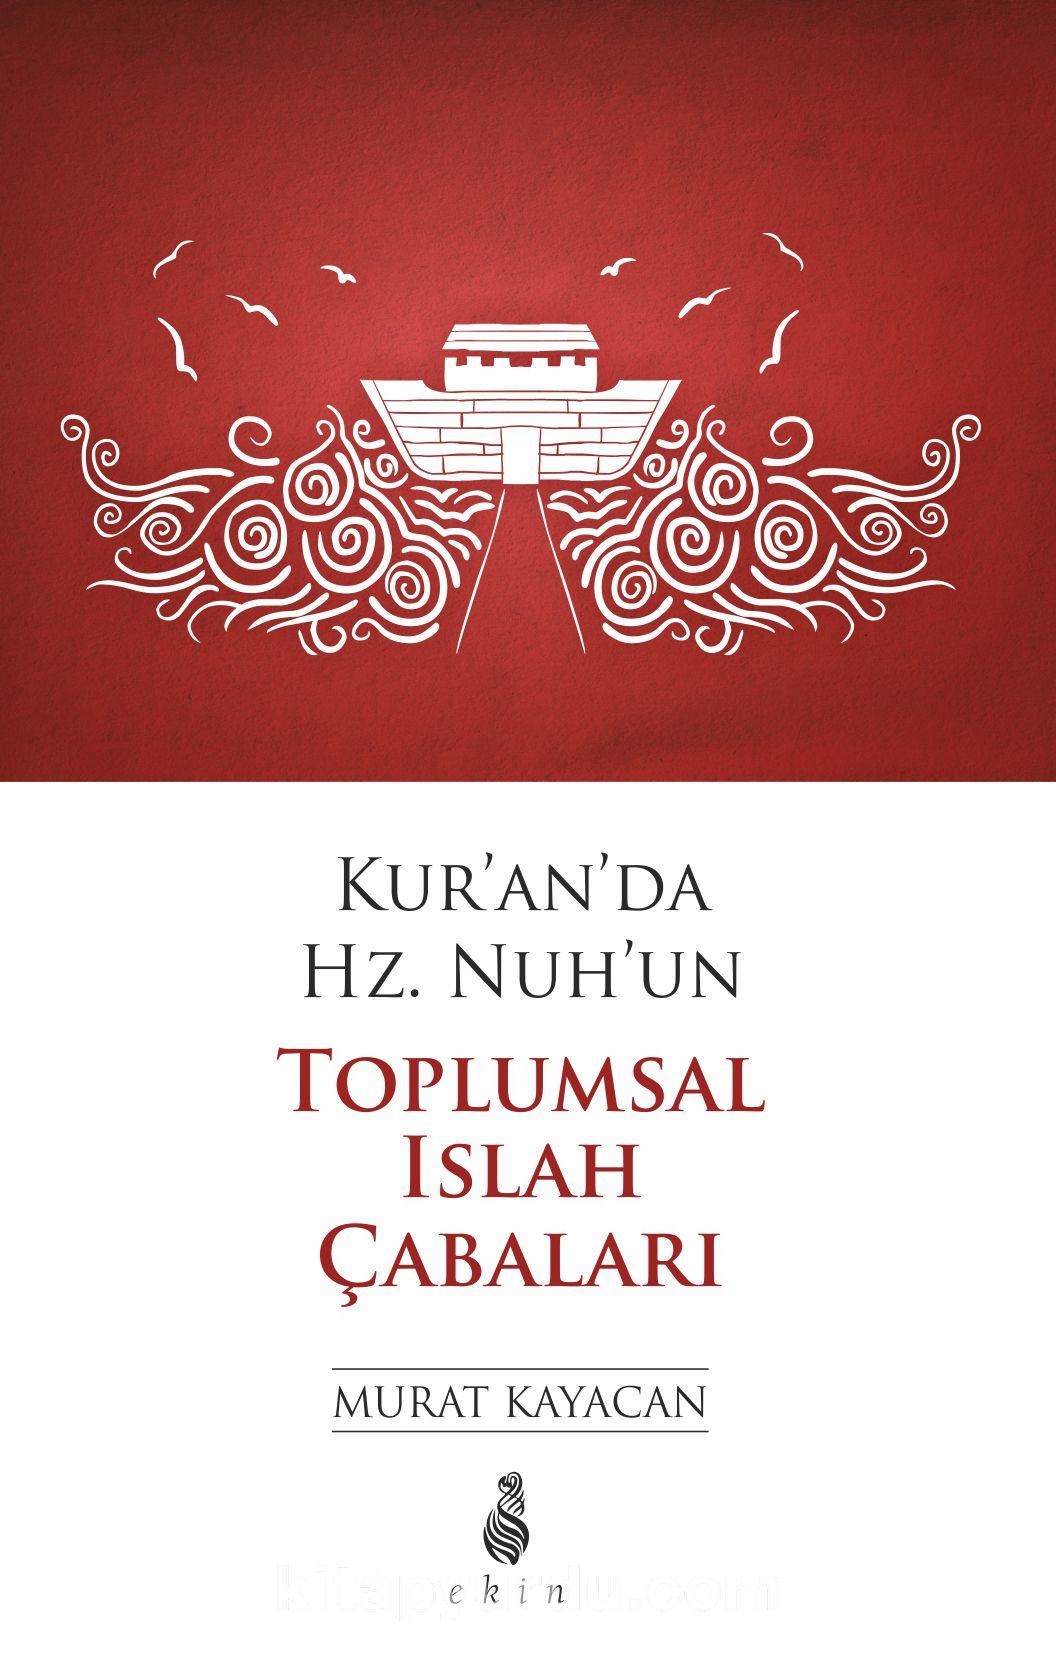 Kur'an'da Hz. Nuh'un Toplumsal Islah Çabaları